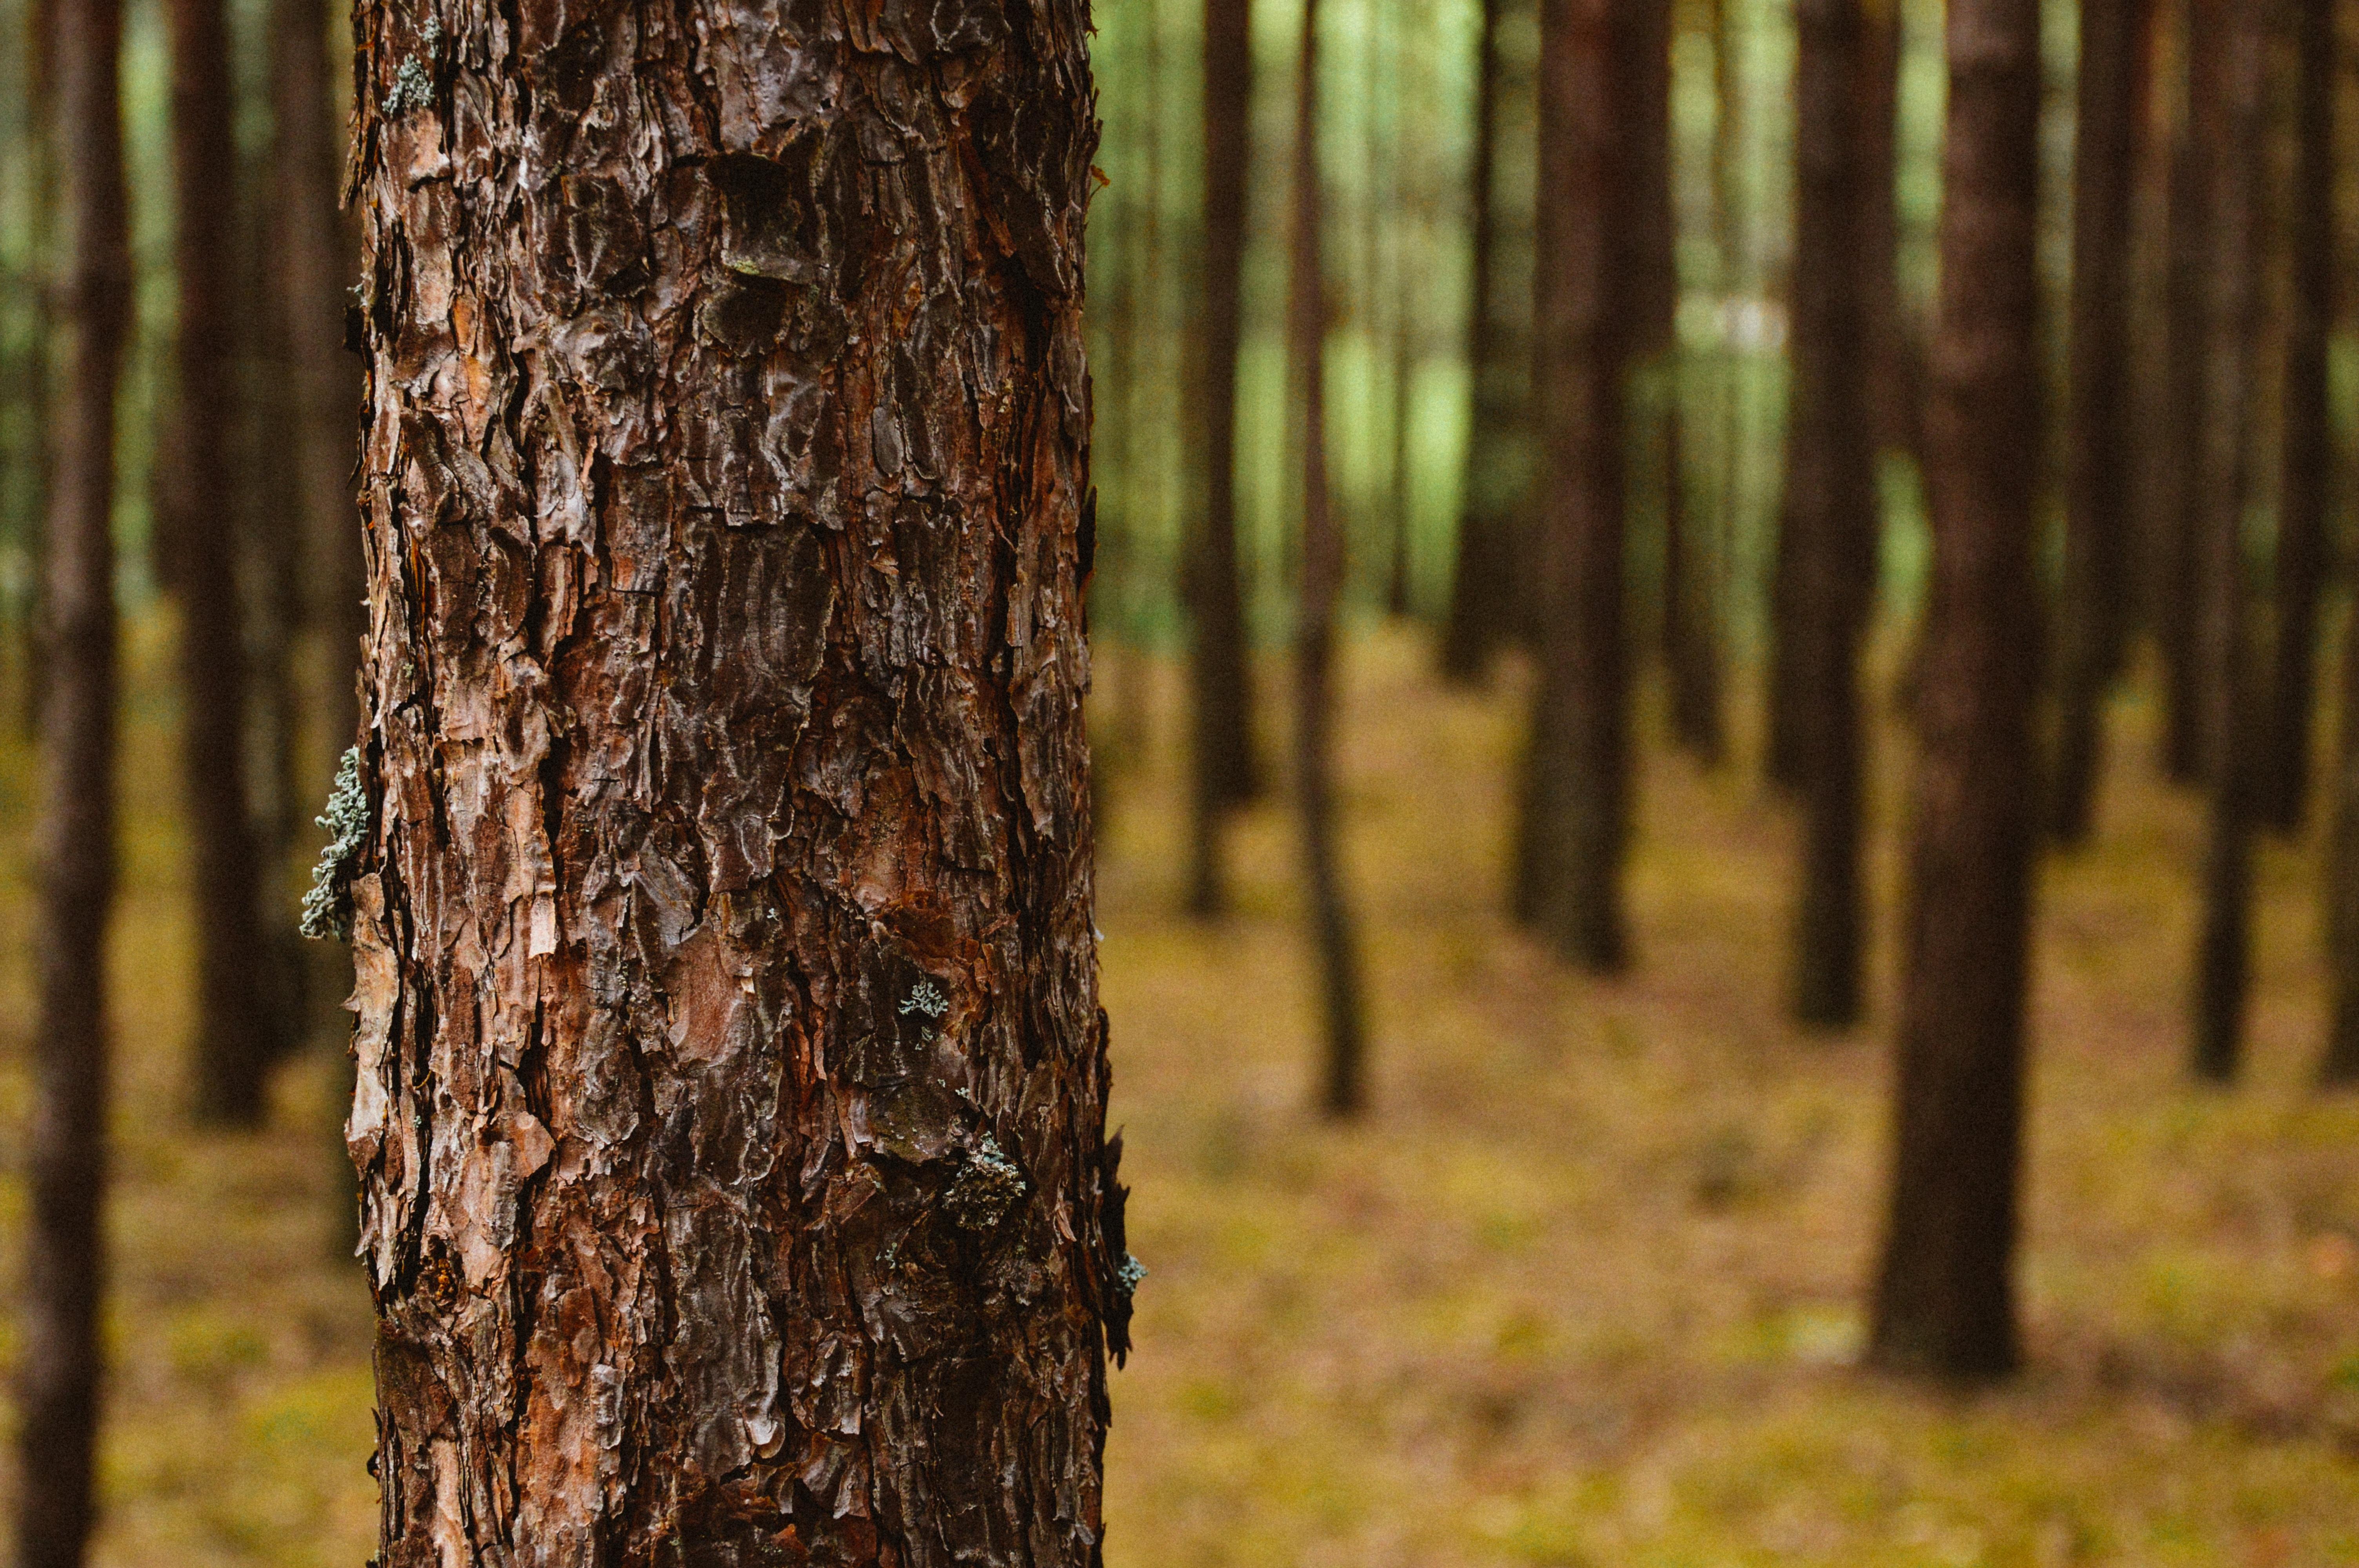 Fotos Gratis 225 Rbol Naturaleza Bosque Rama Madera